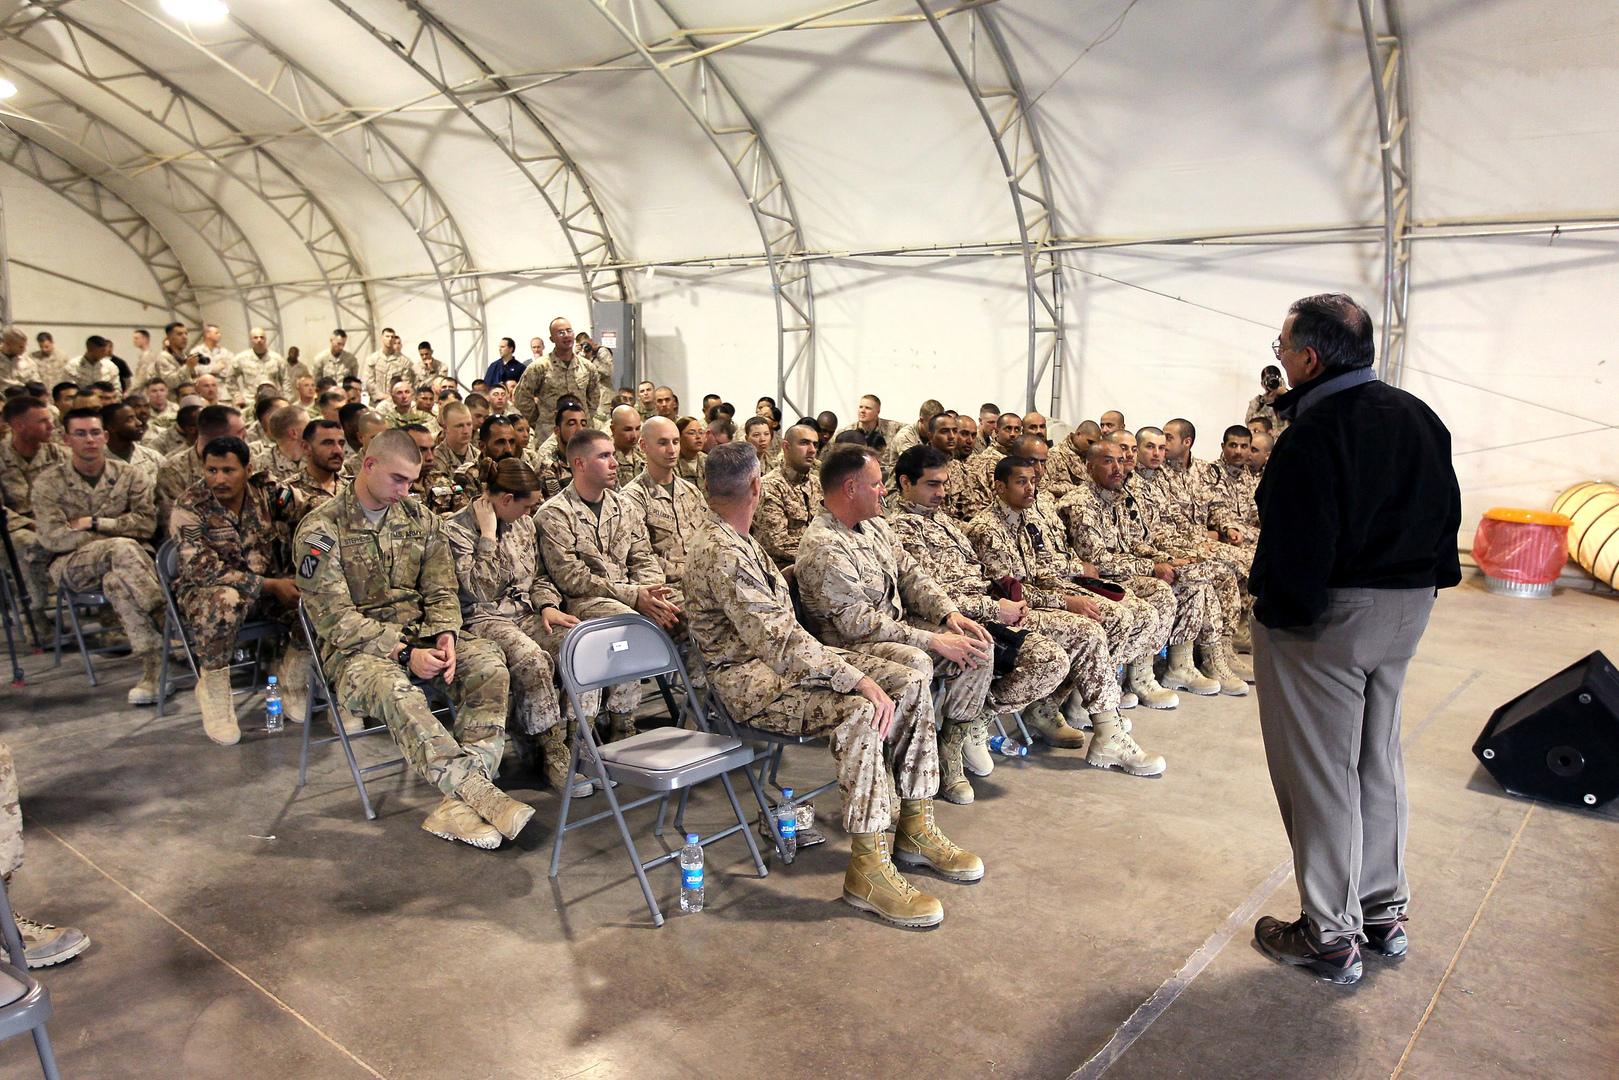 الخارجية الروسية تعلق على سحب واشنطن قواتها من أفغانستان